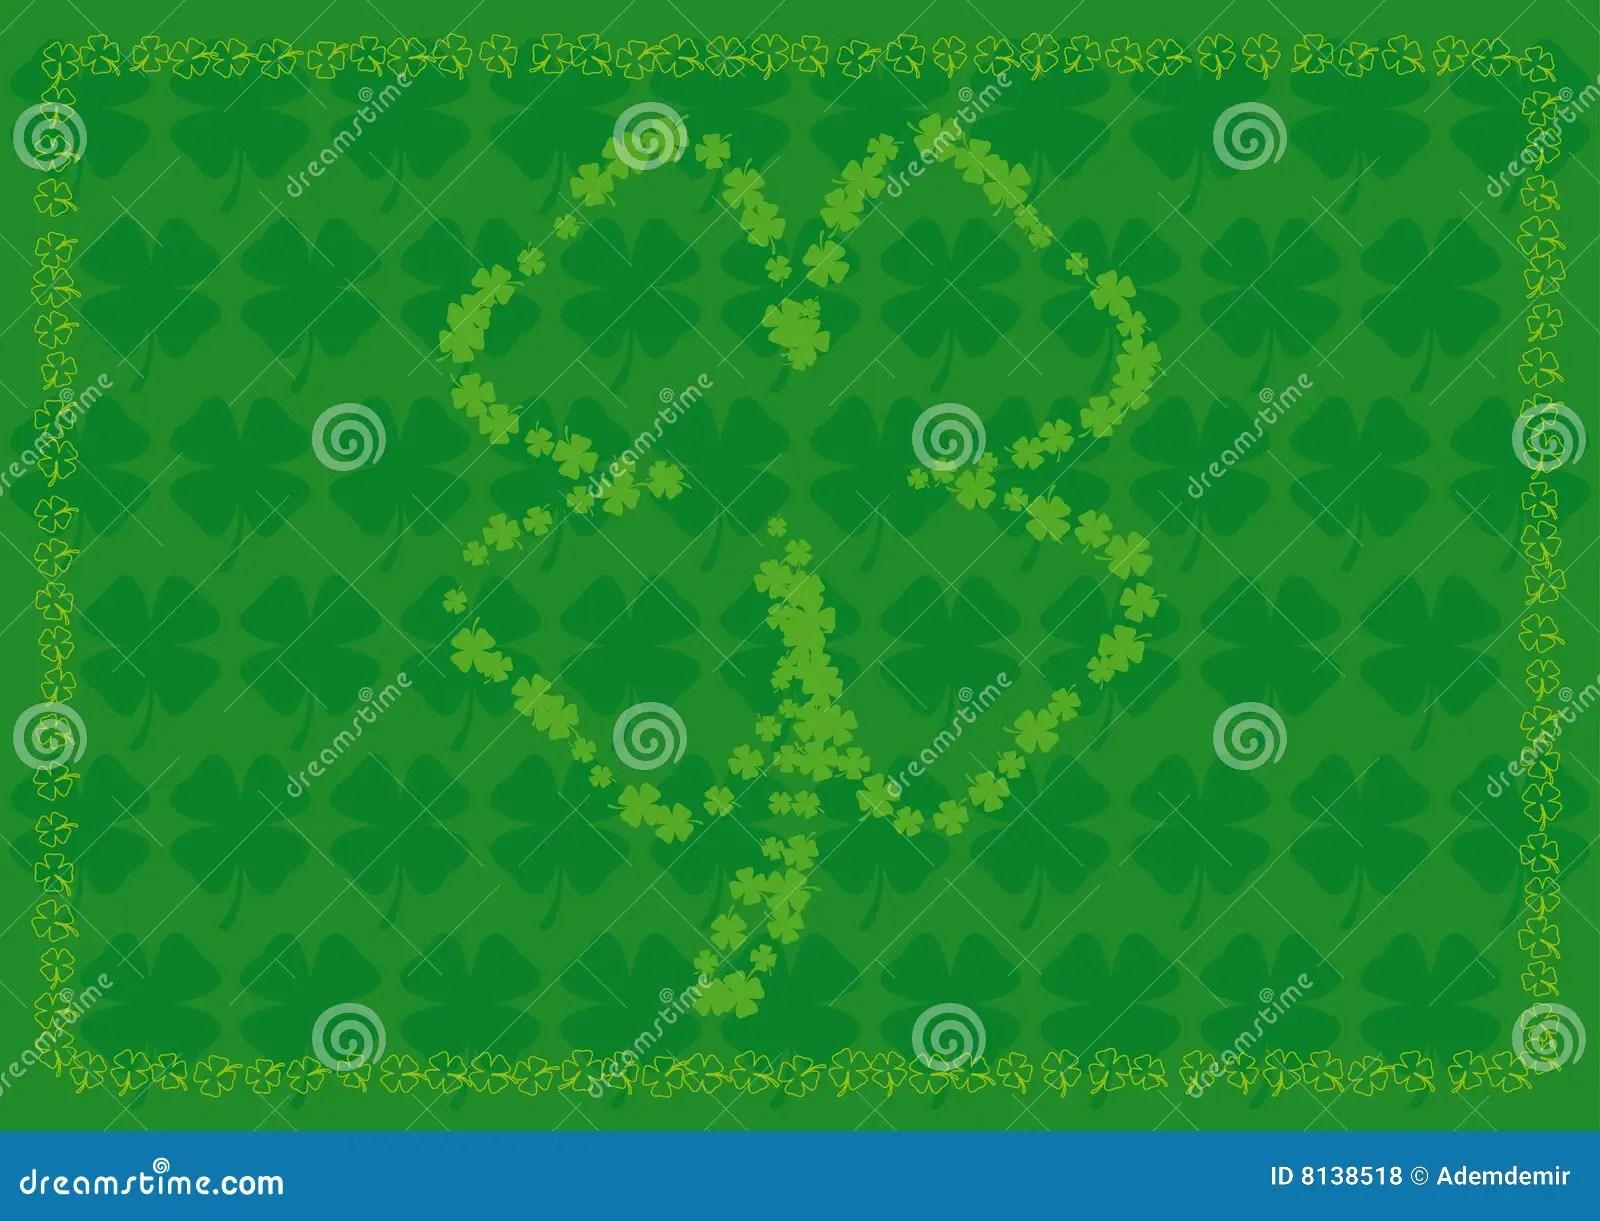 Shamrock Background With Four Leaf Shamrock Shapes Stock